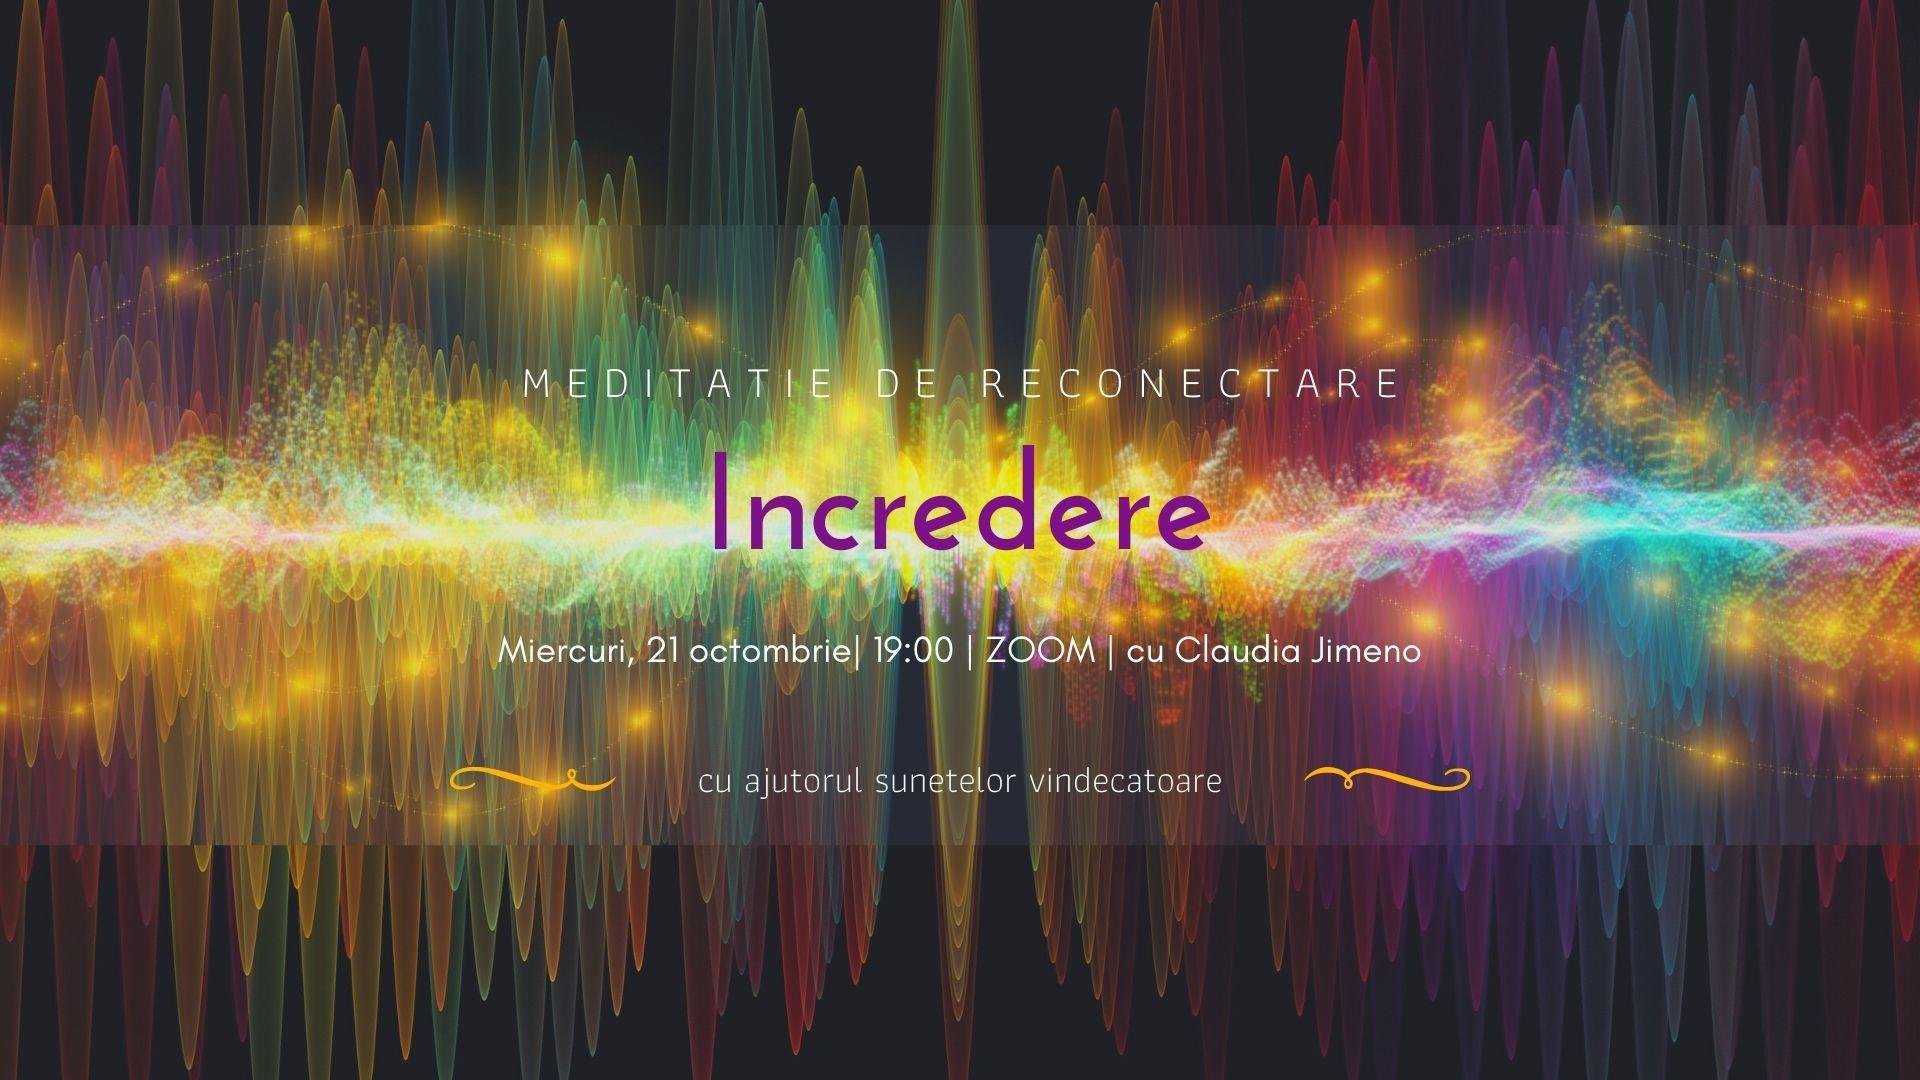 Meditatie cu sunete vindecatoare - pe zoom - increderea in tine - cu Claudia Jimeno